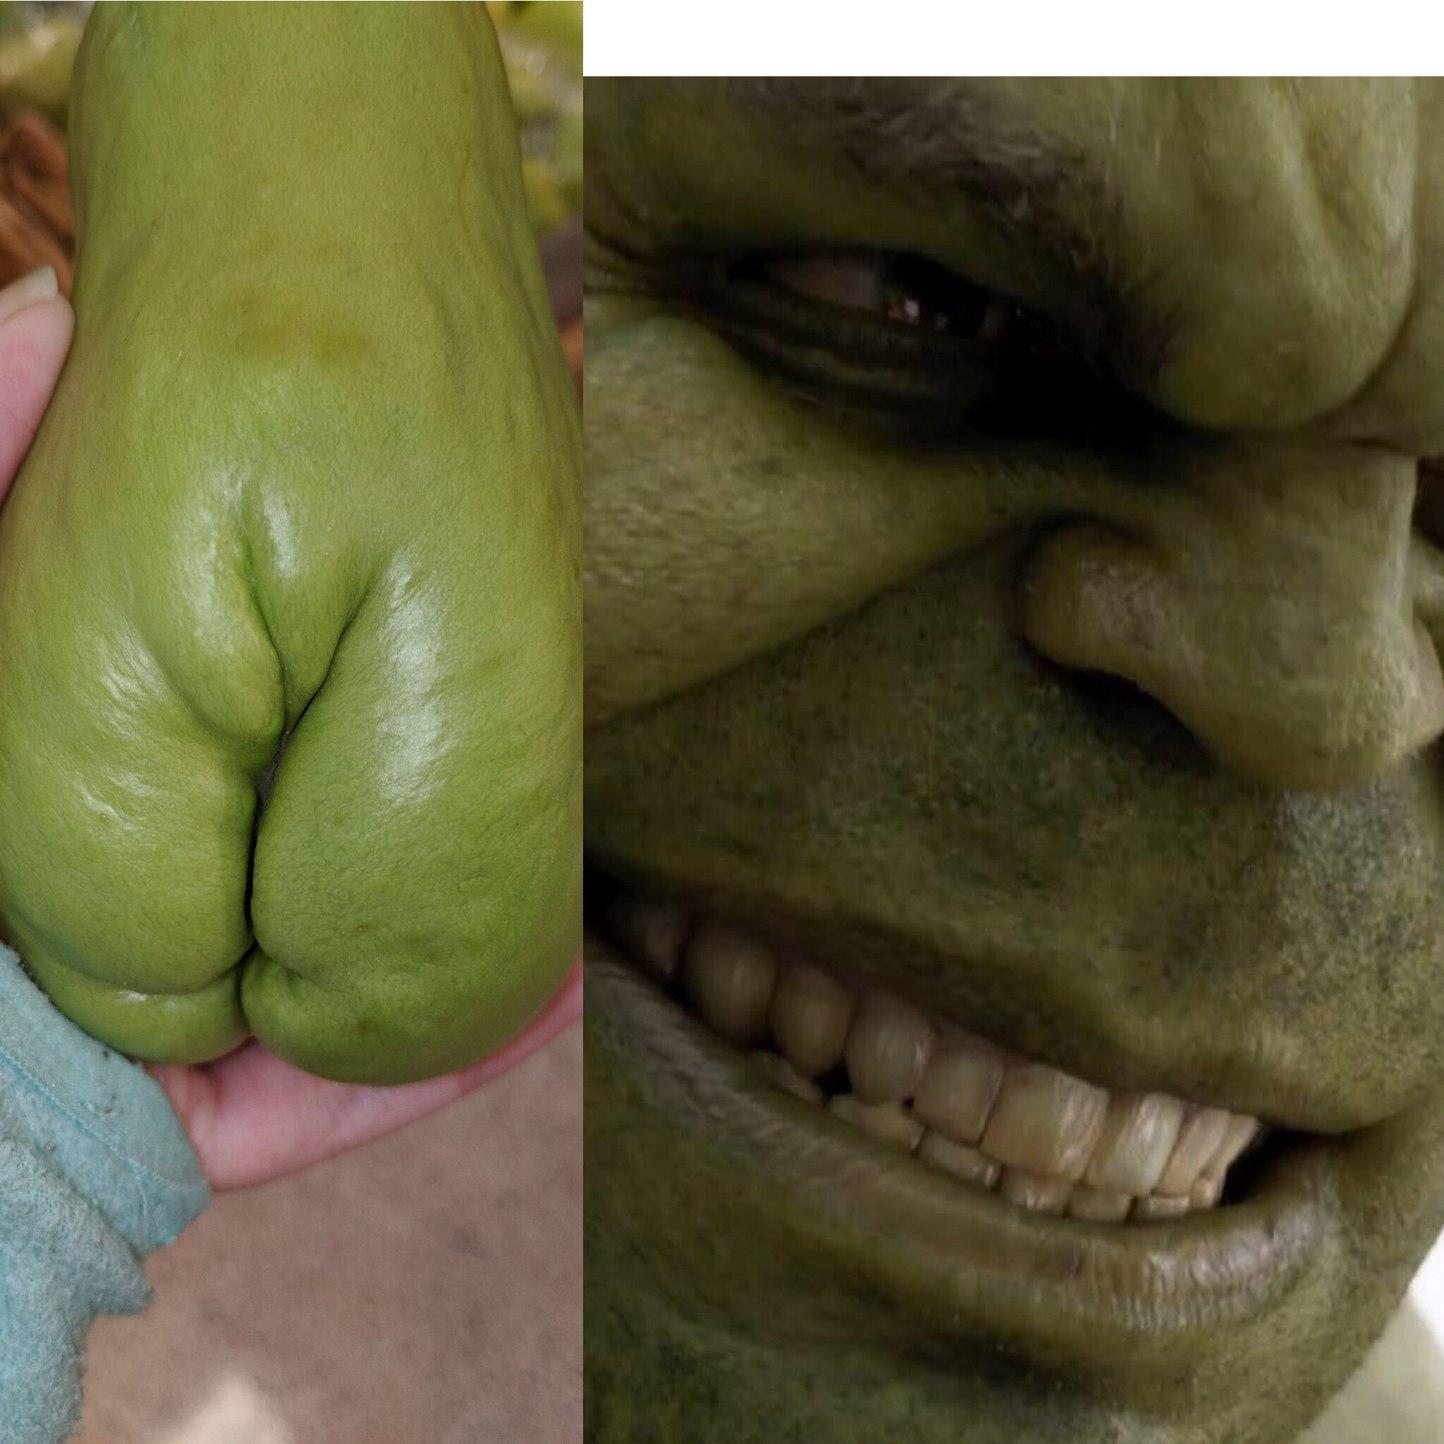 hulk smashhhhh! - meme